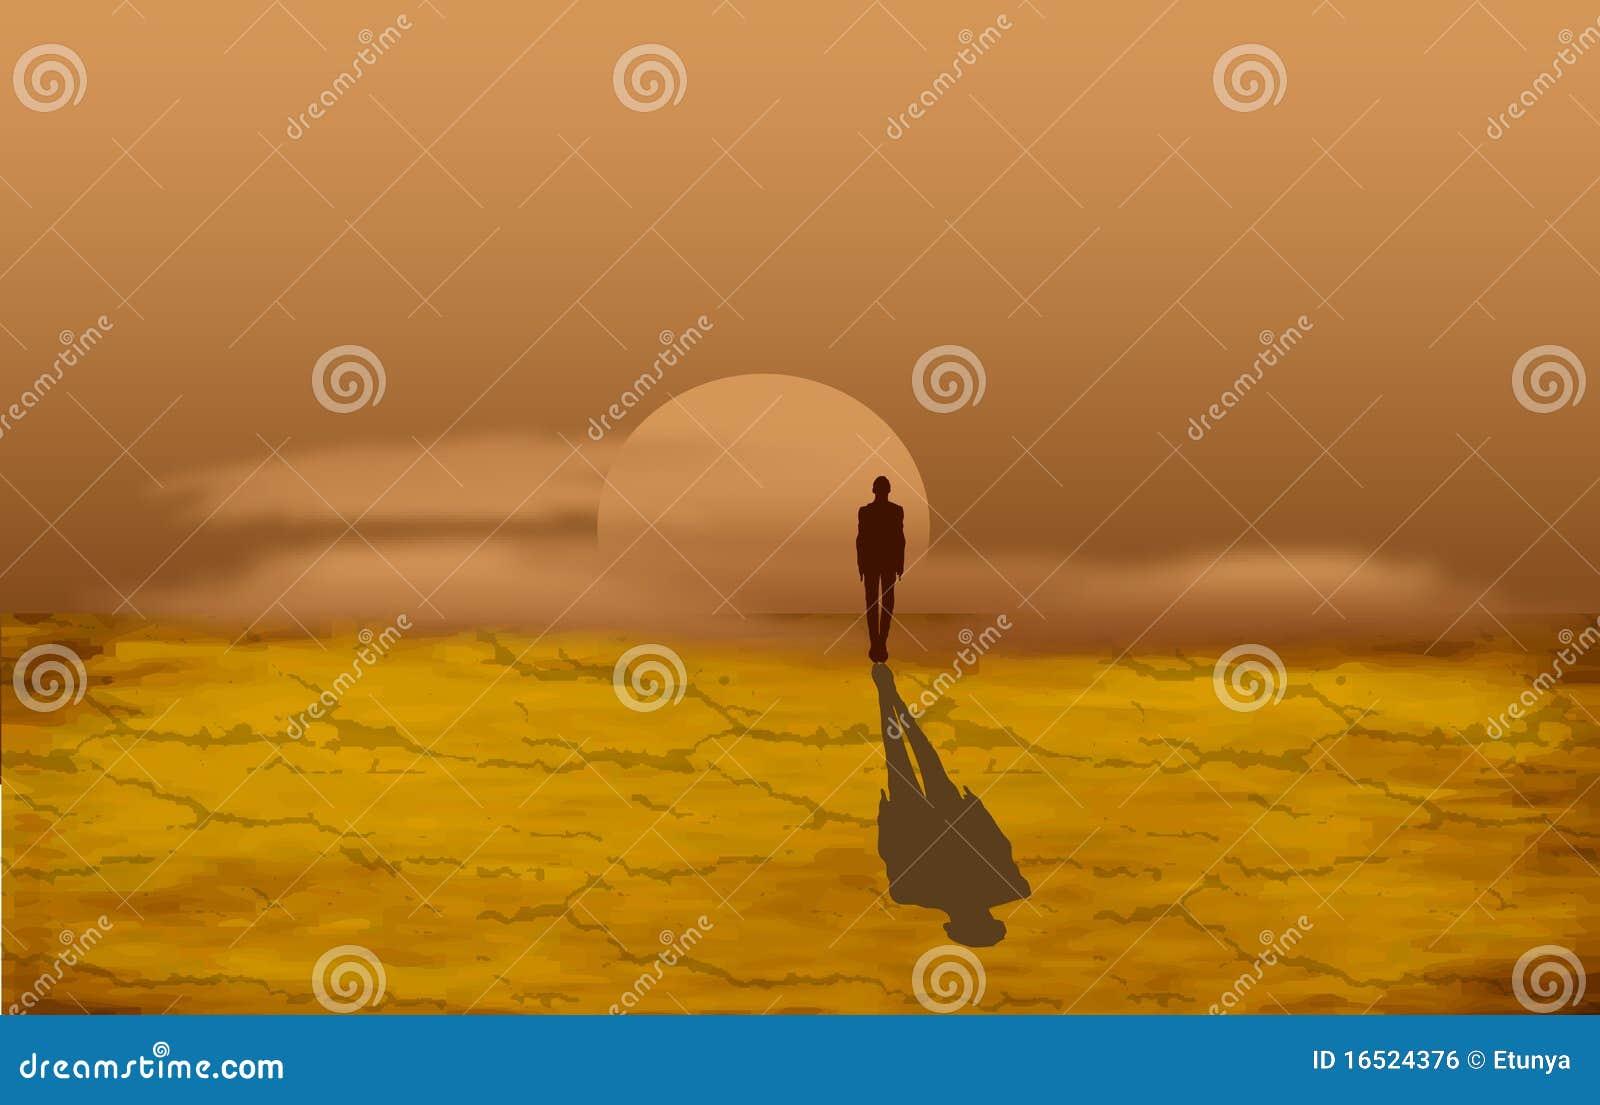 Hombre solo en el desierto